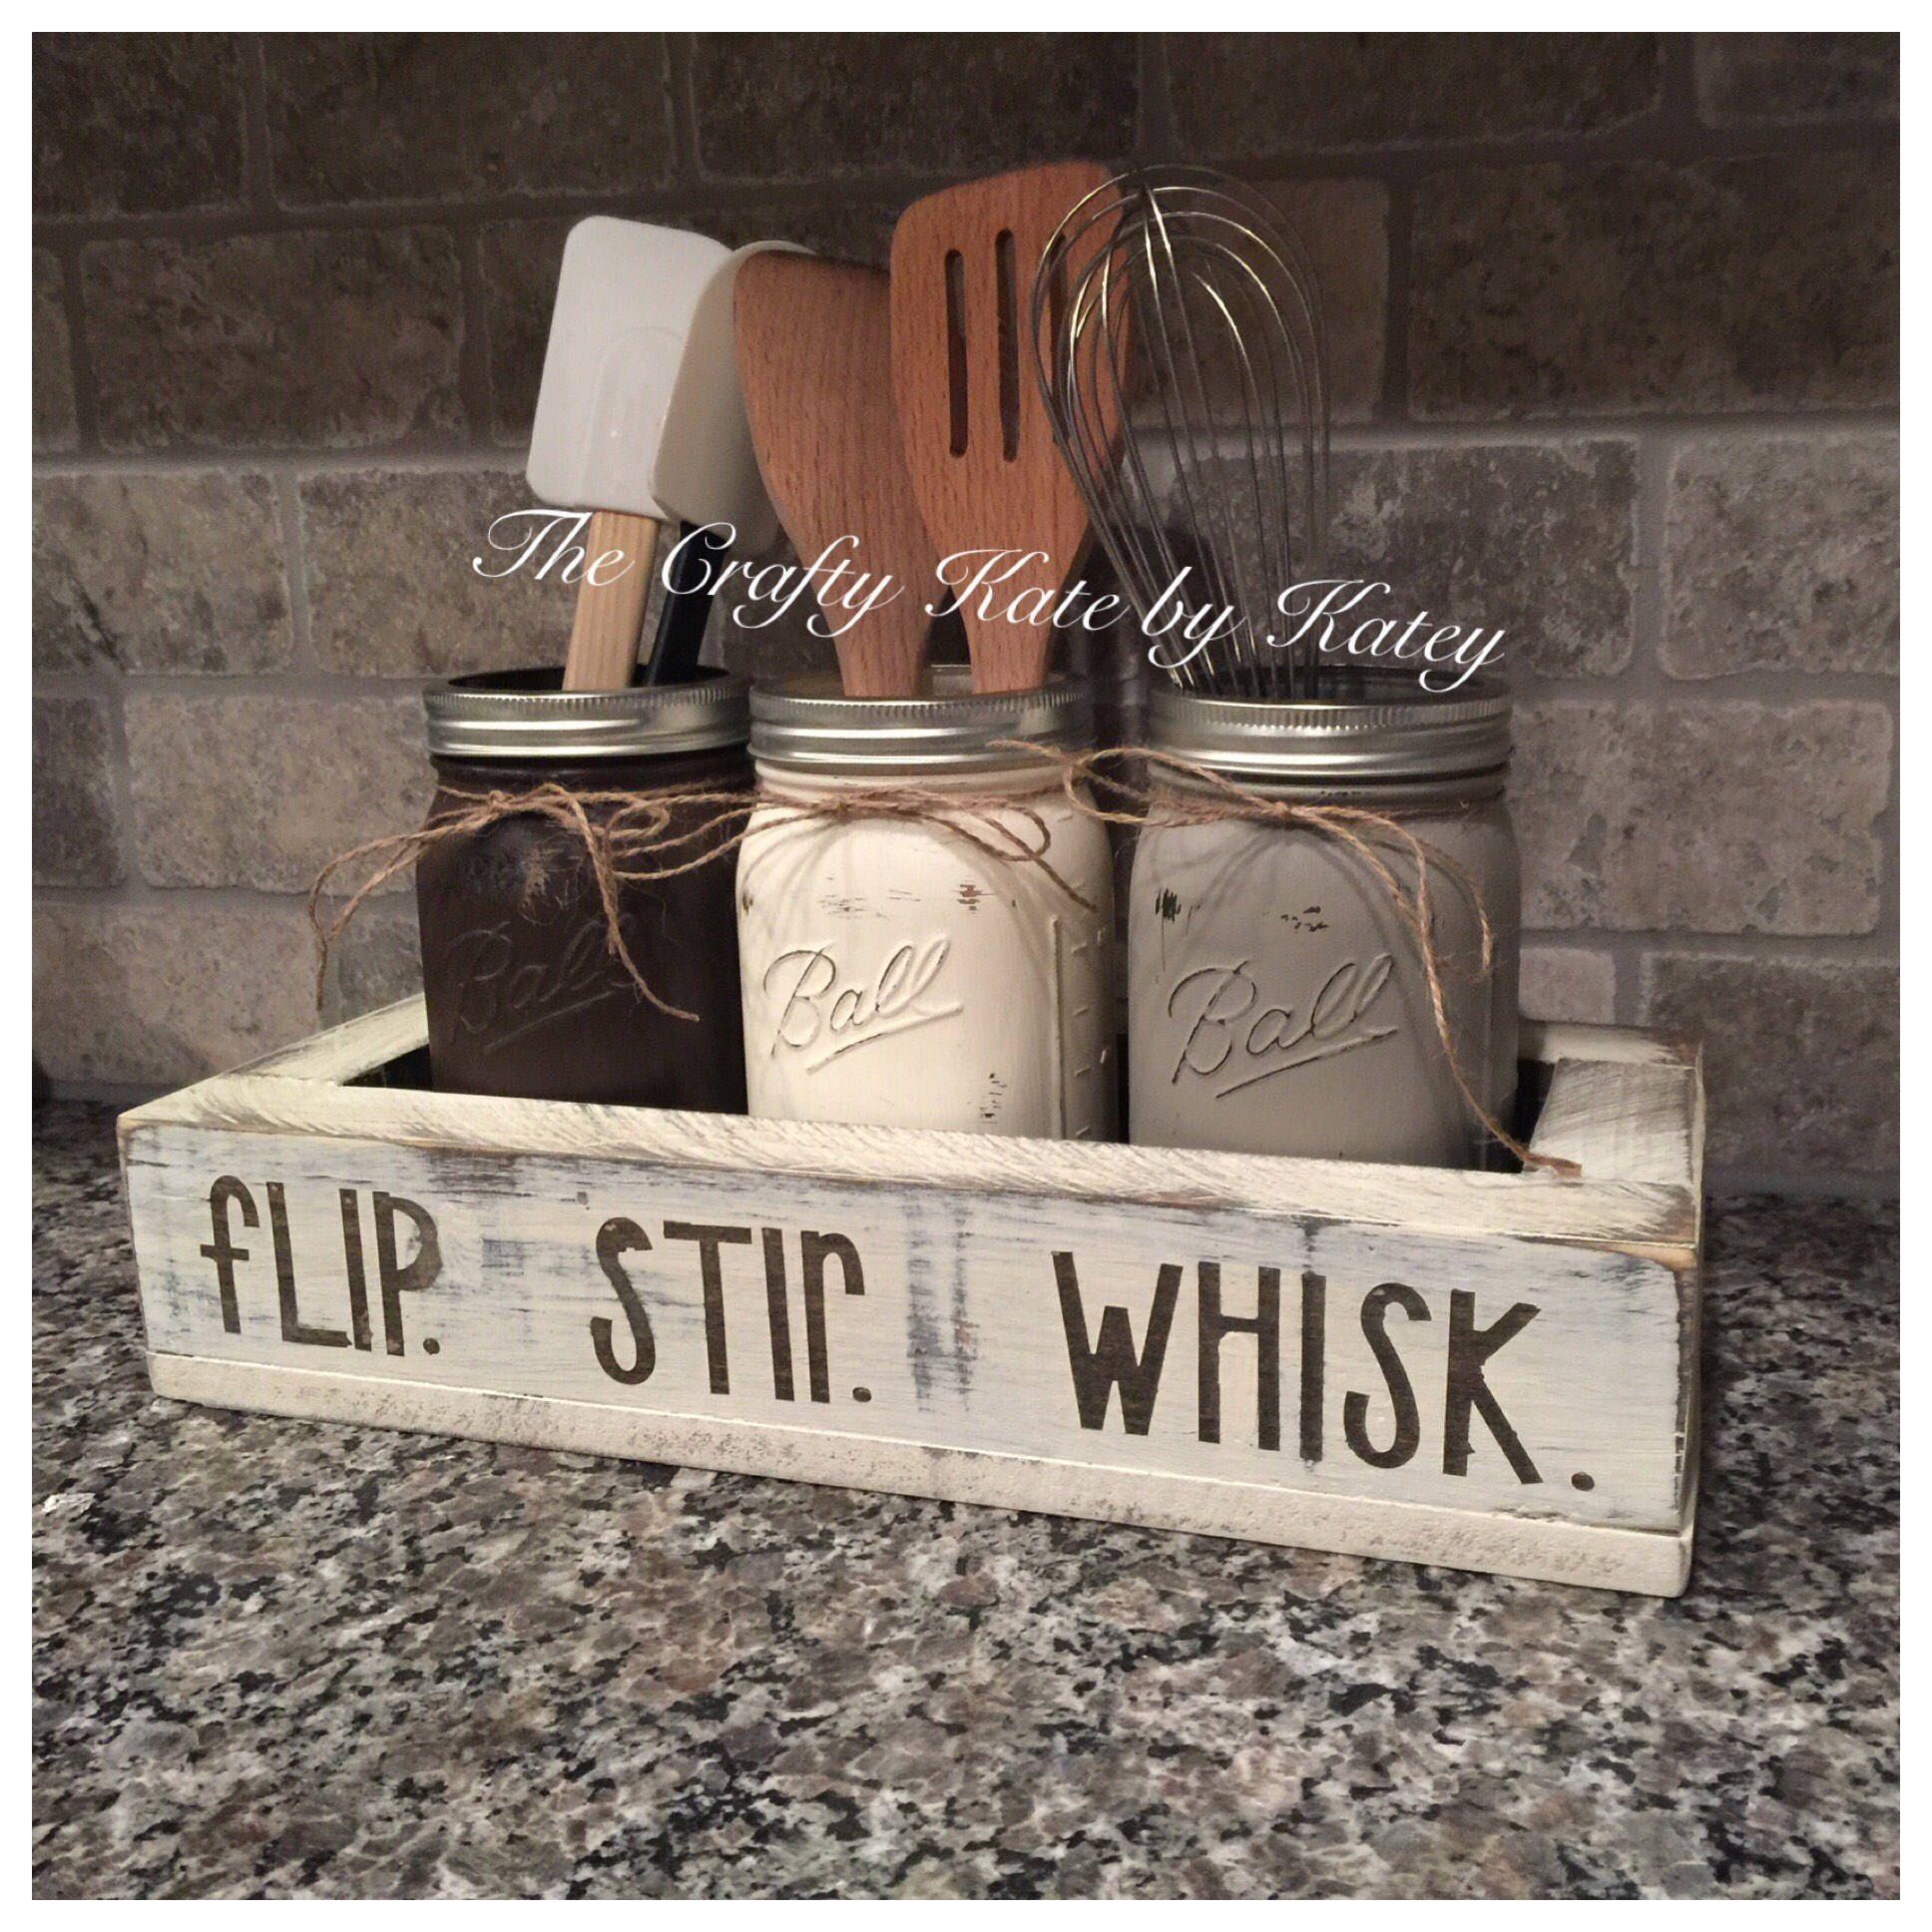 utensil holder kitchen utensil holder flip stir whisk farmhouse kitchen decor farmhouse on farmhouse kitchen utensils id=61710